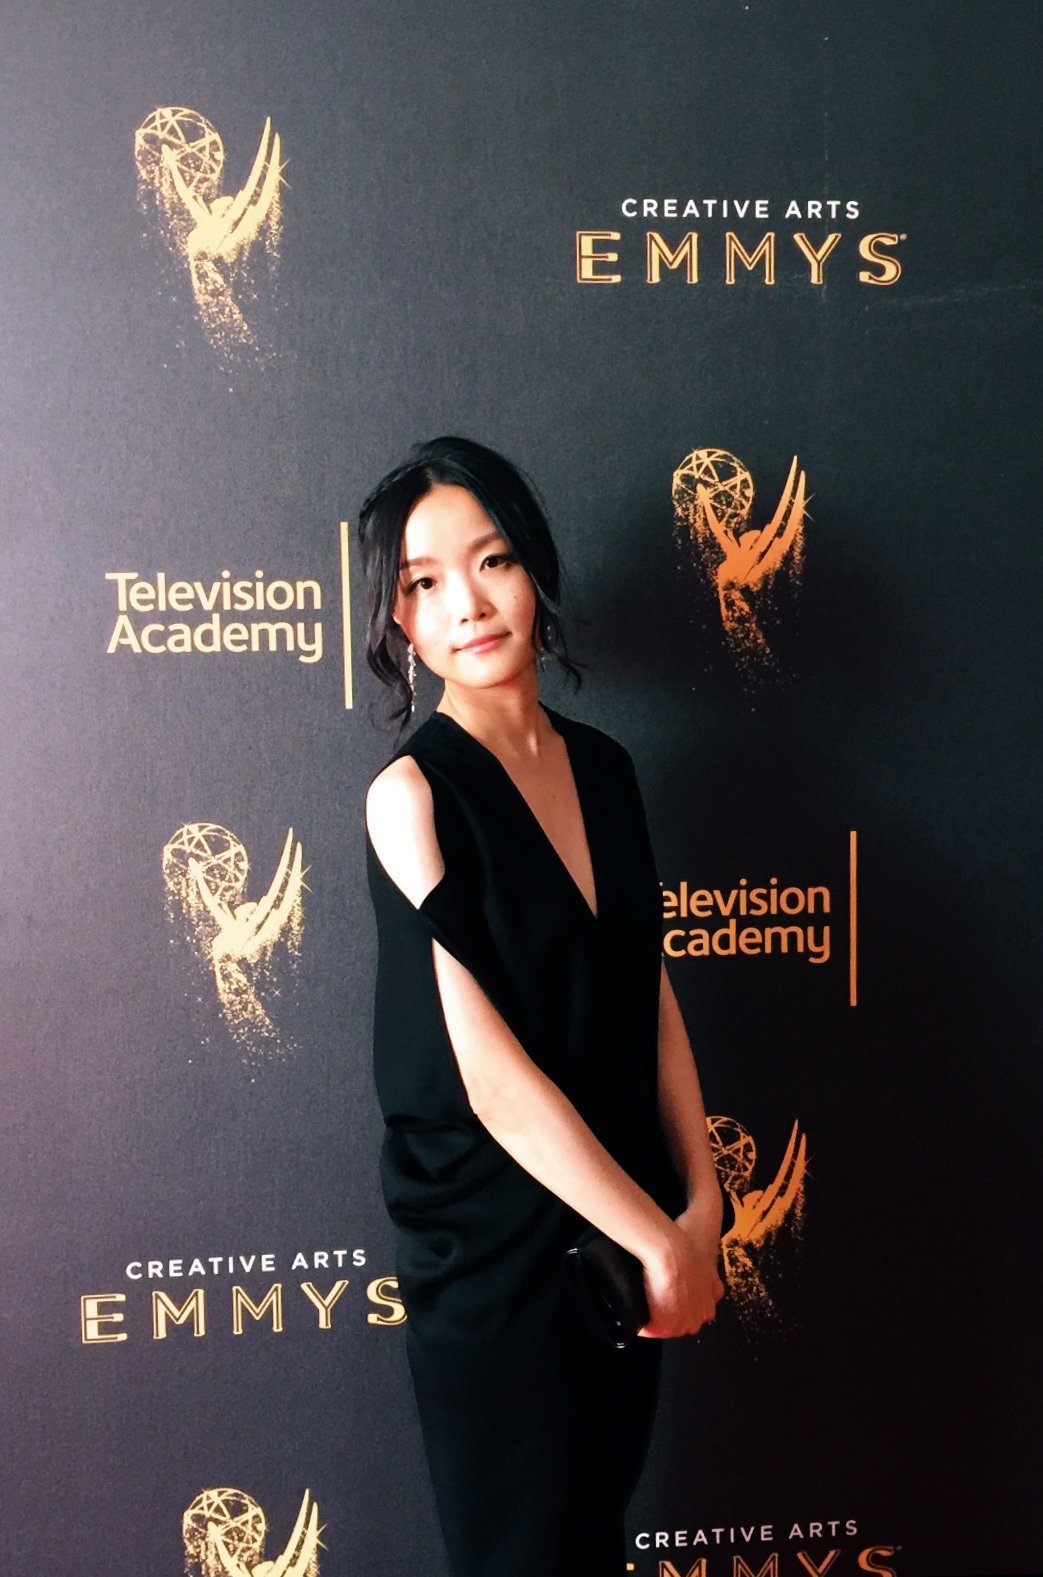 台灣設計師左家琪為知名美劇「宿敵」設計片頭畫面,入圍本屆艾美獎。圖/左家琪提供